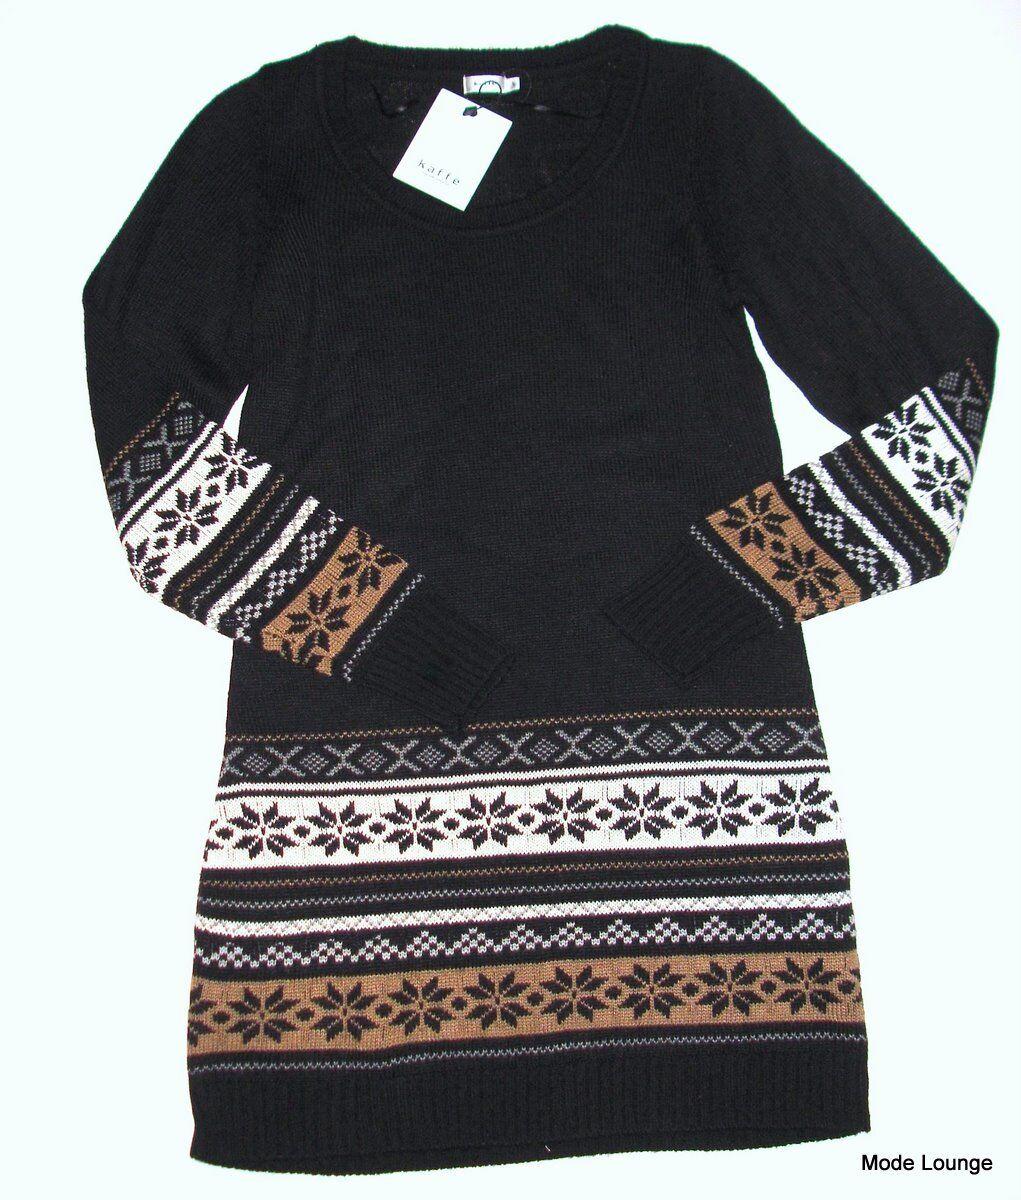 Kaffe - Vestito di maglia maglia maglia - NORVEGESE - TGL S   38 - nero PROFONDO - NUOVO 85e538